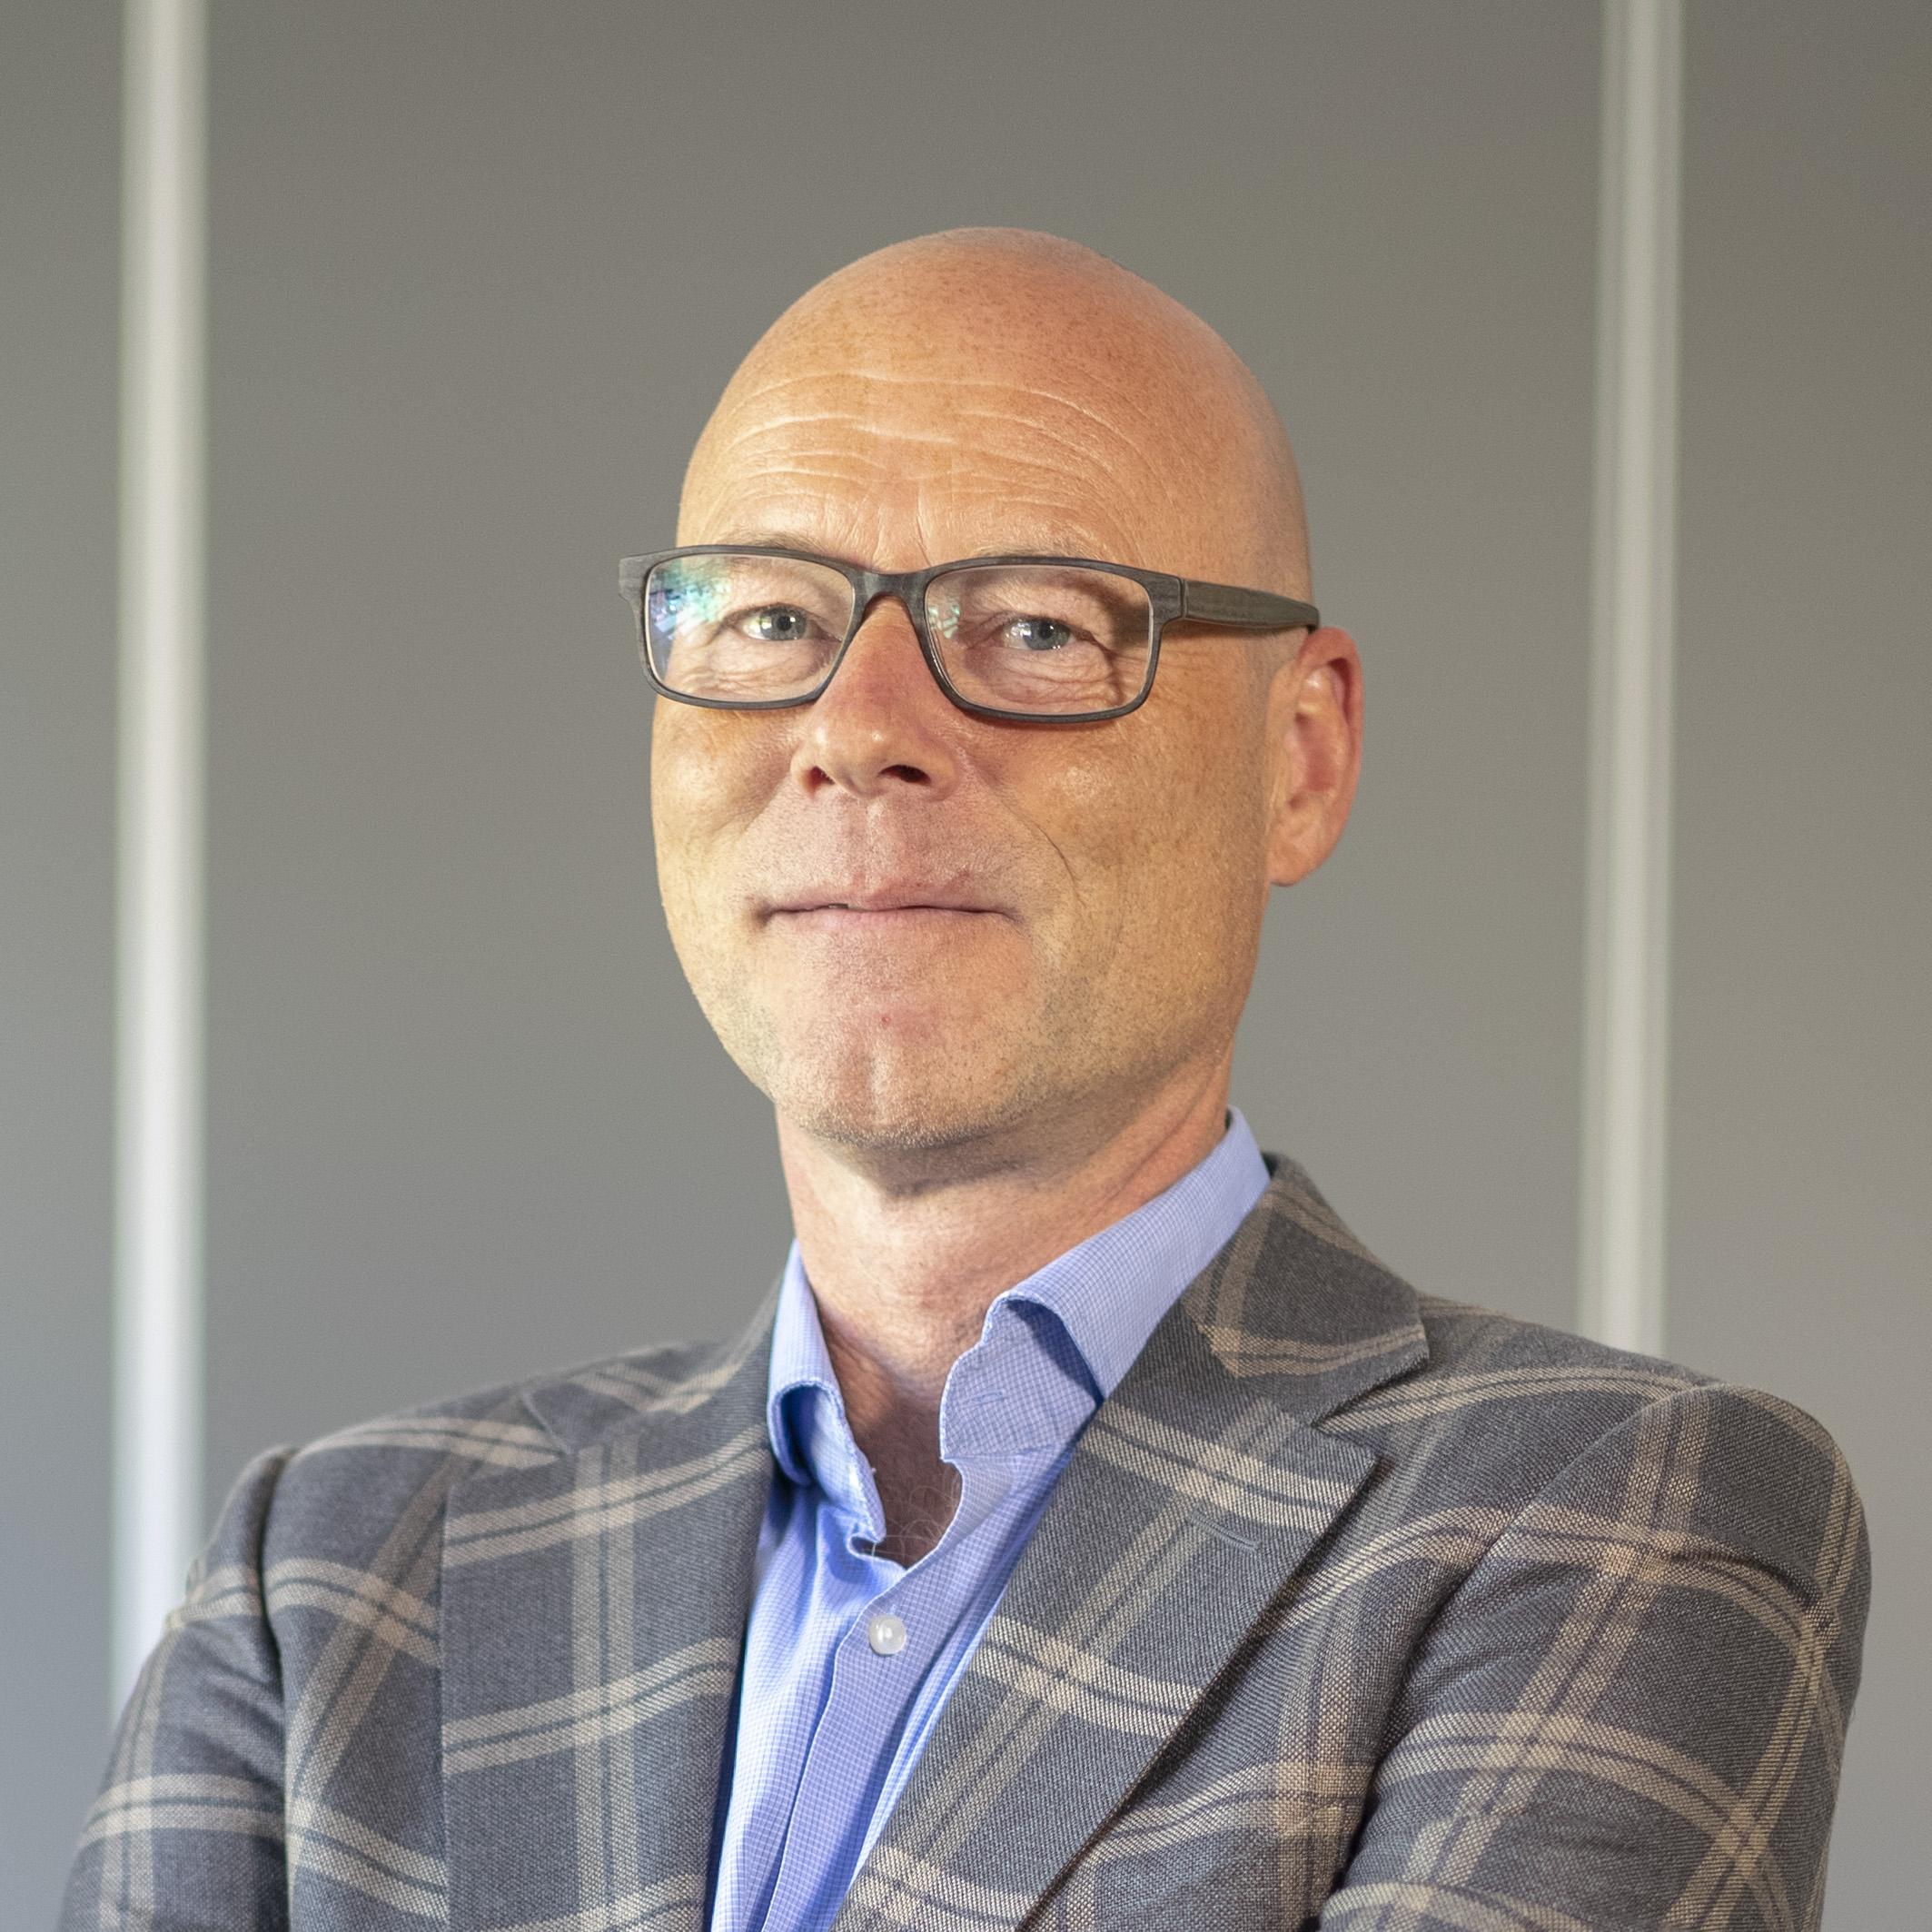 Pål Christian Linnerud's photo